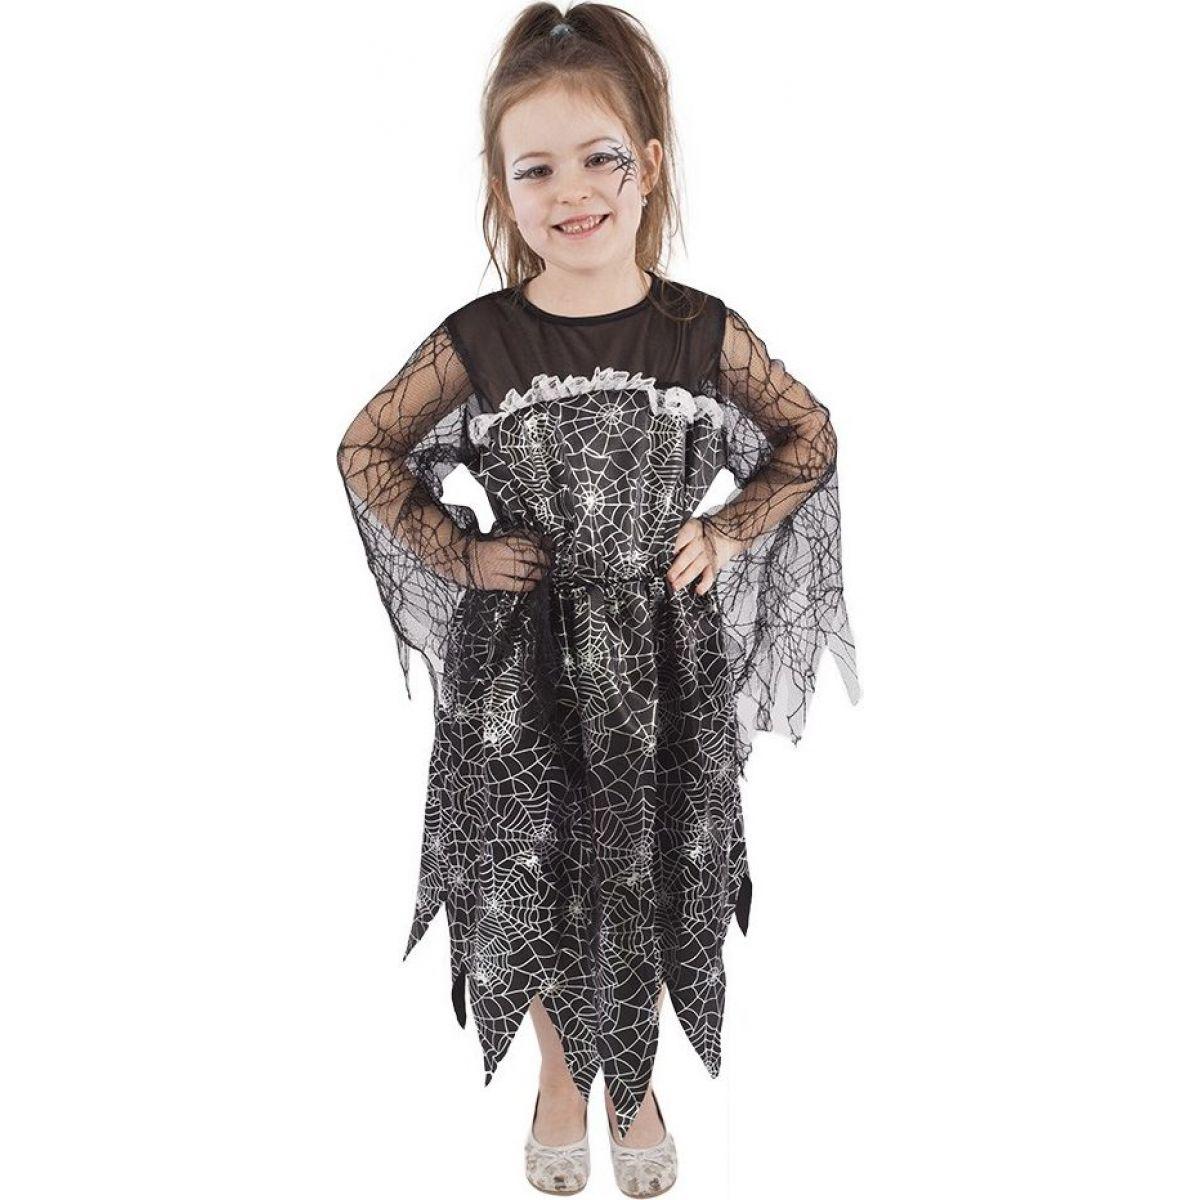 Karnevalový kostým čarodějnice halloween vel. S